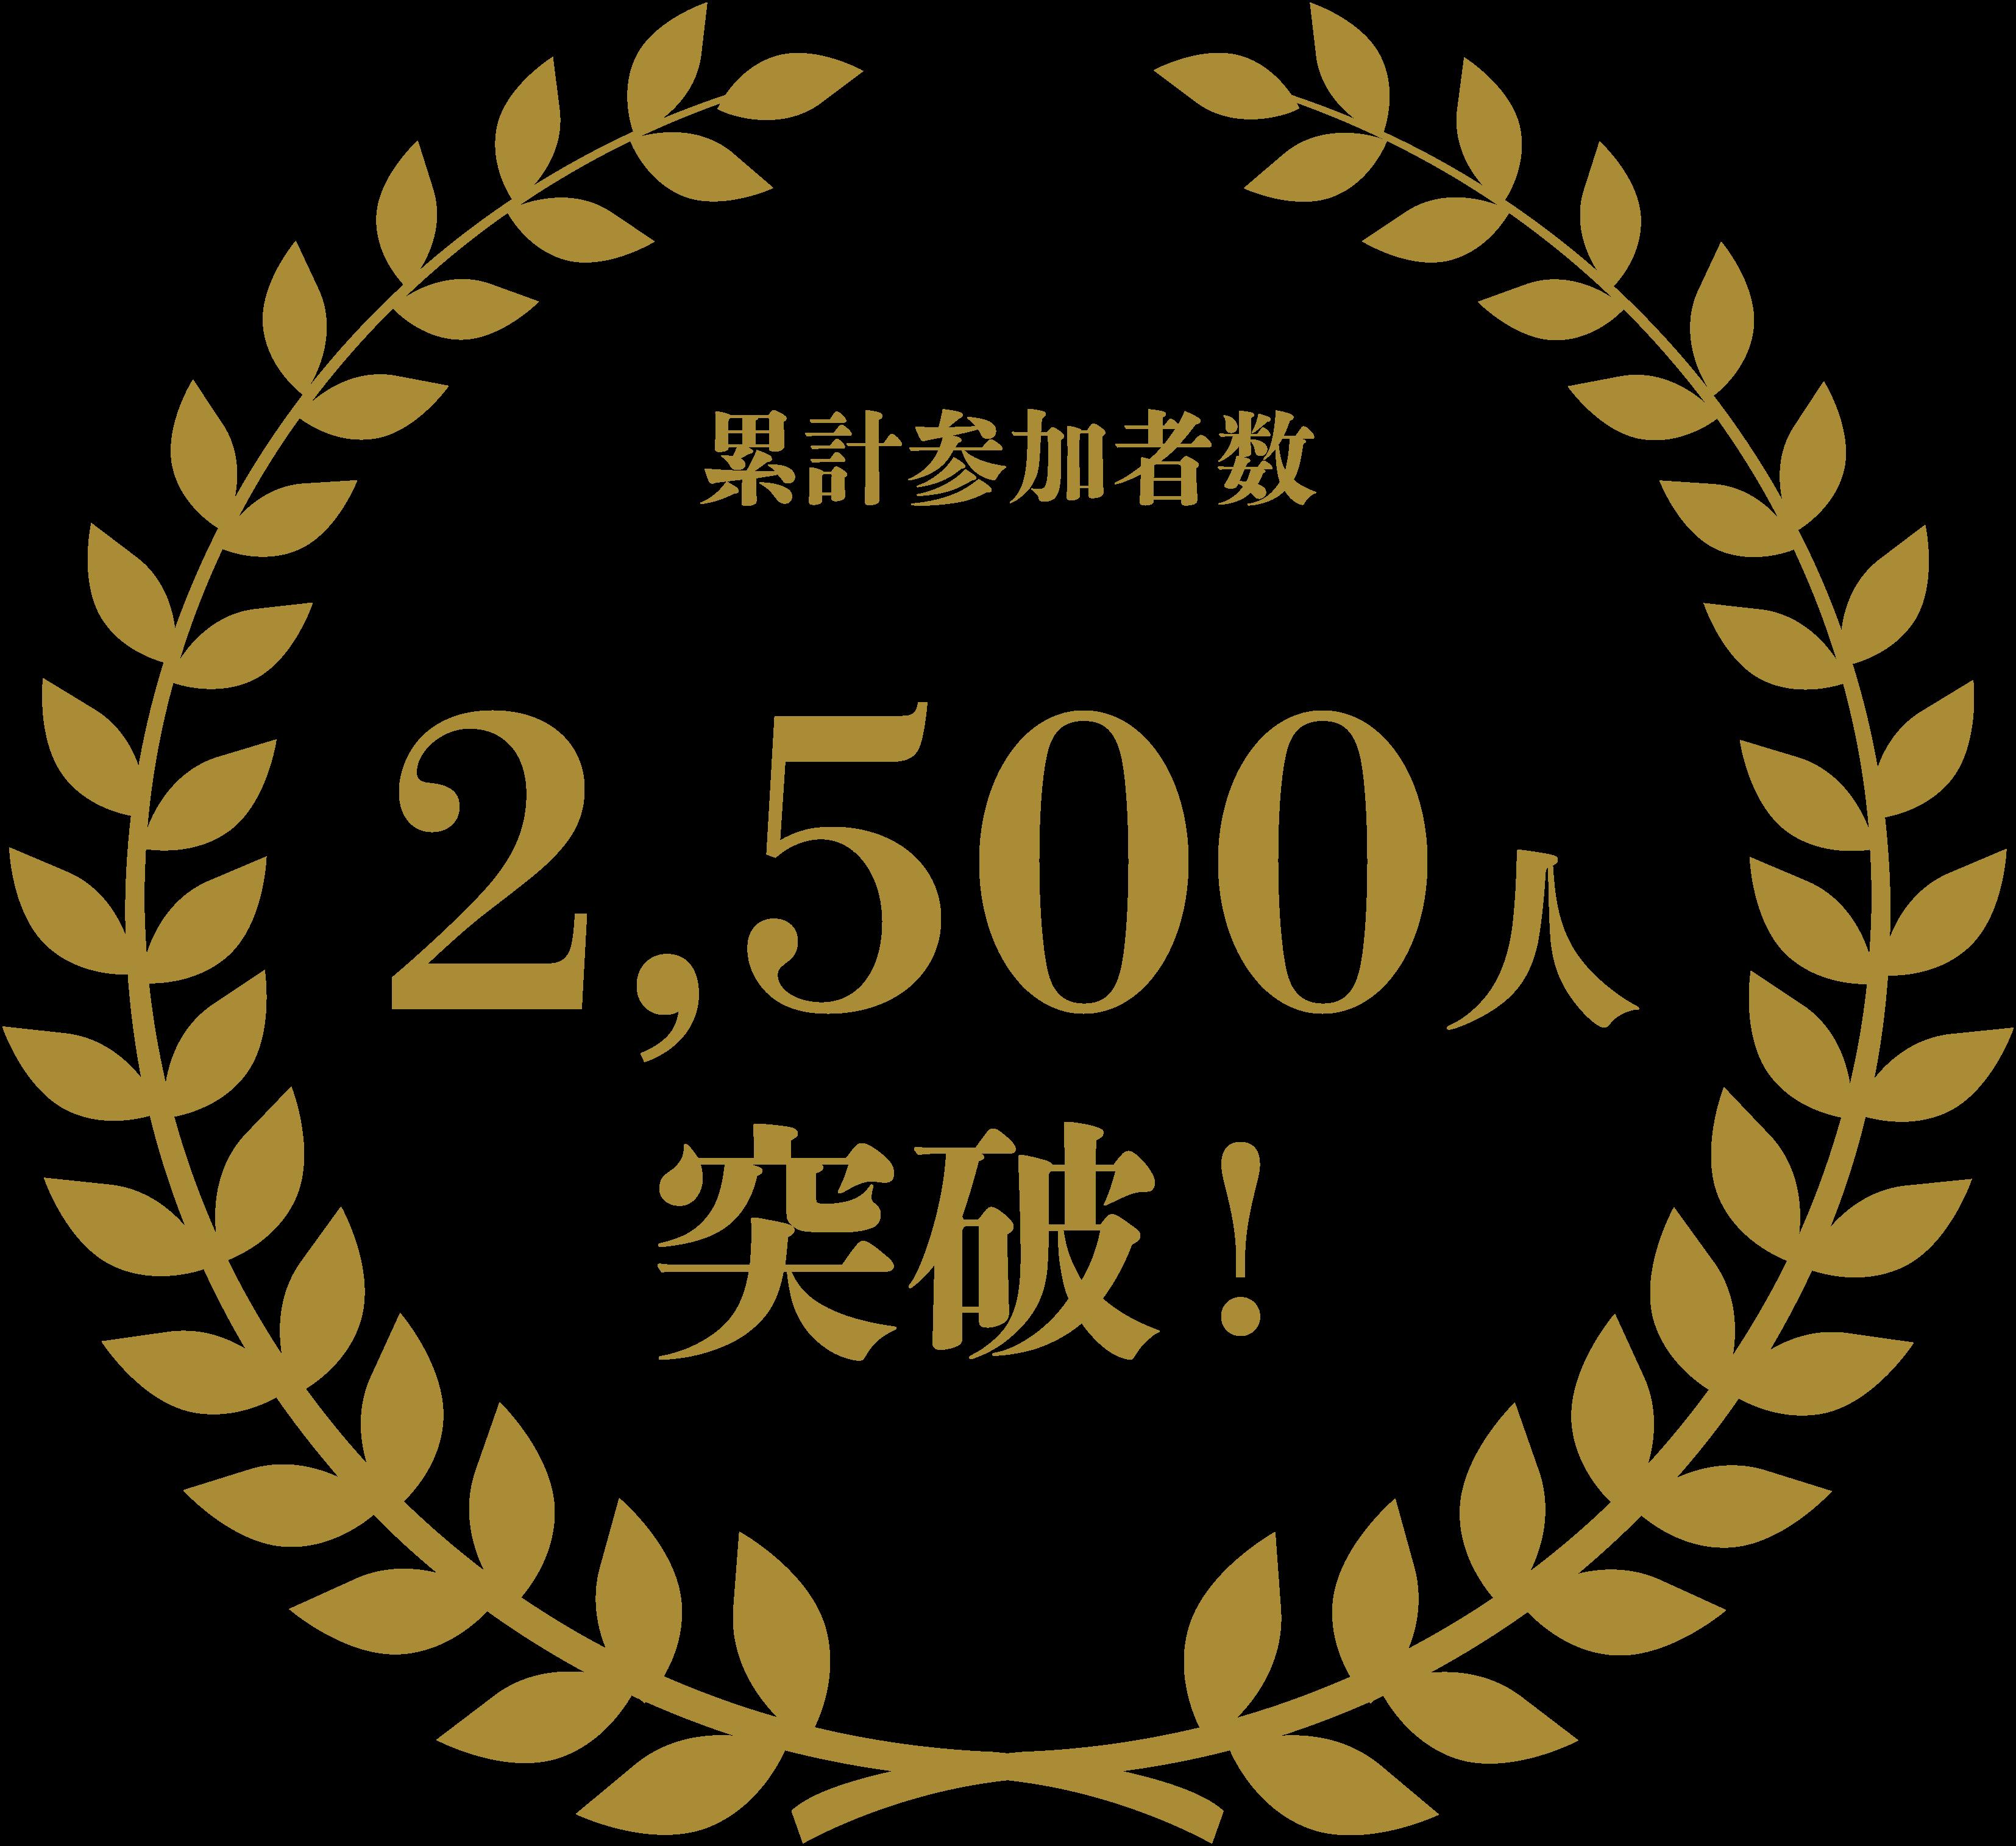 累計参加者数2500人突破!